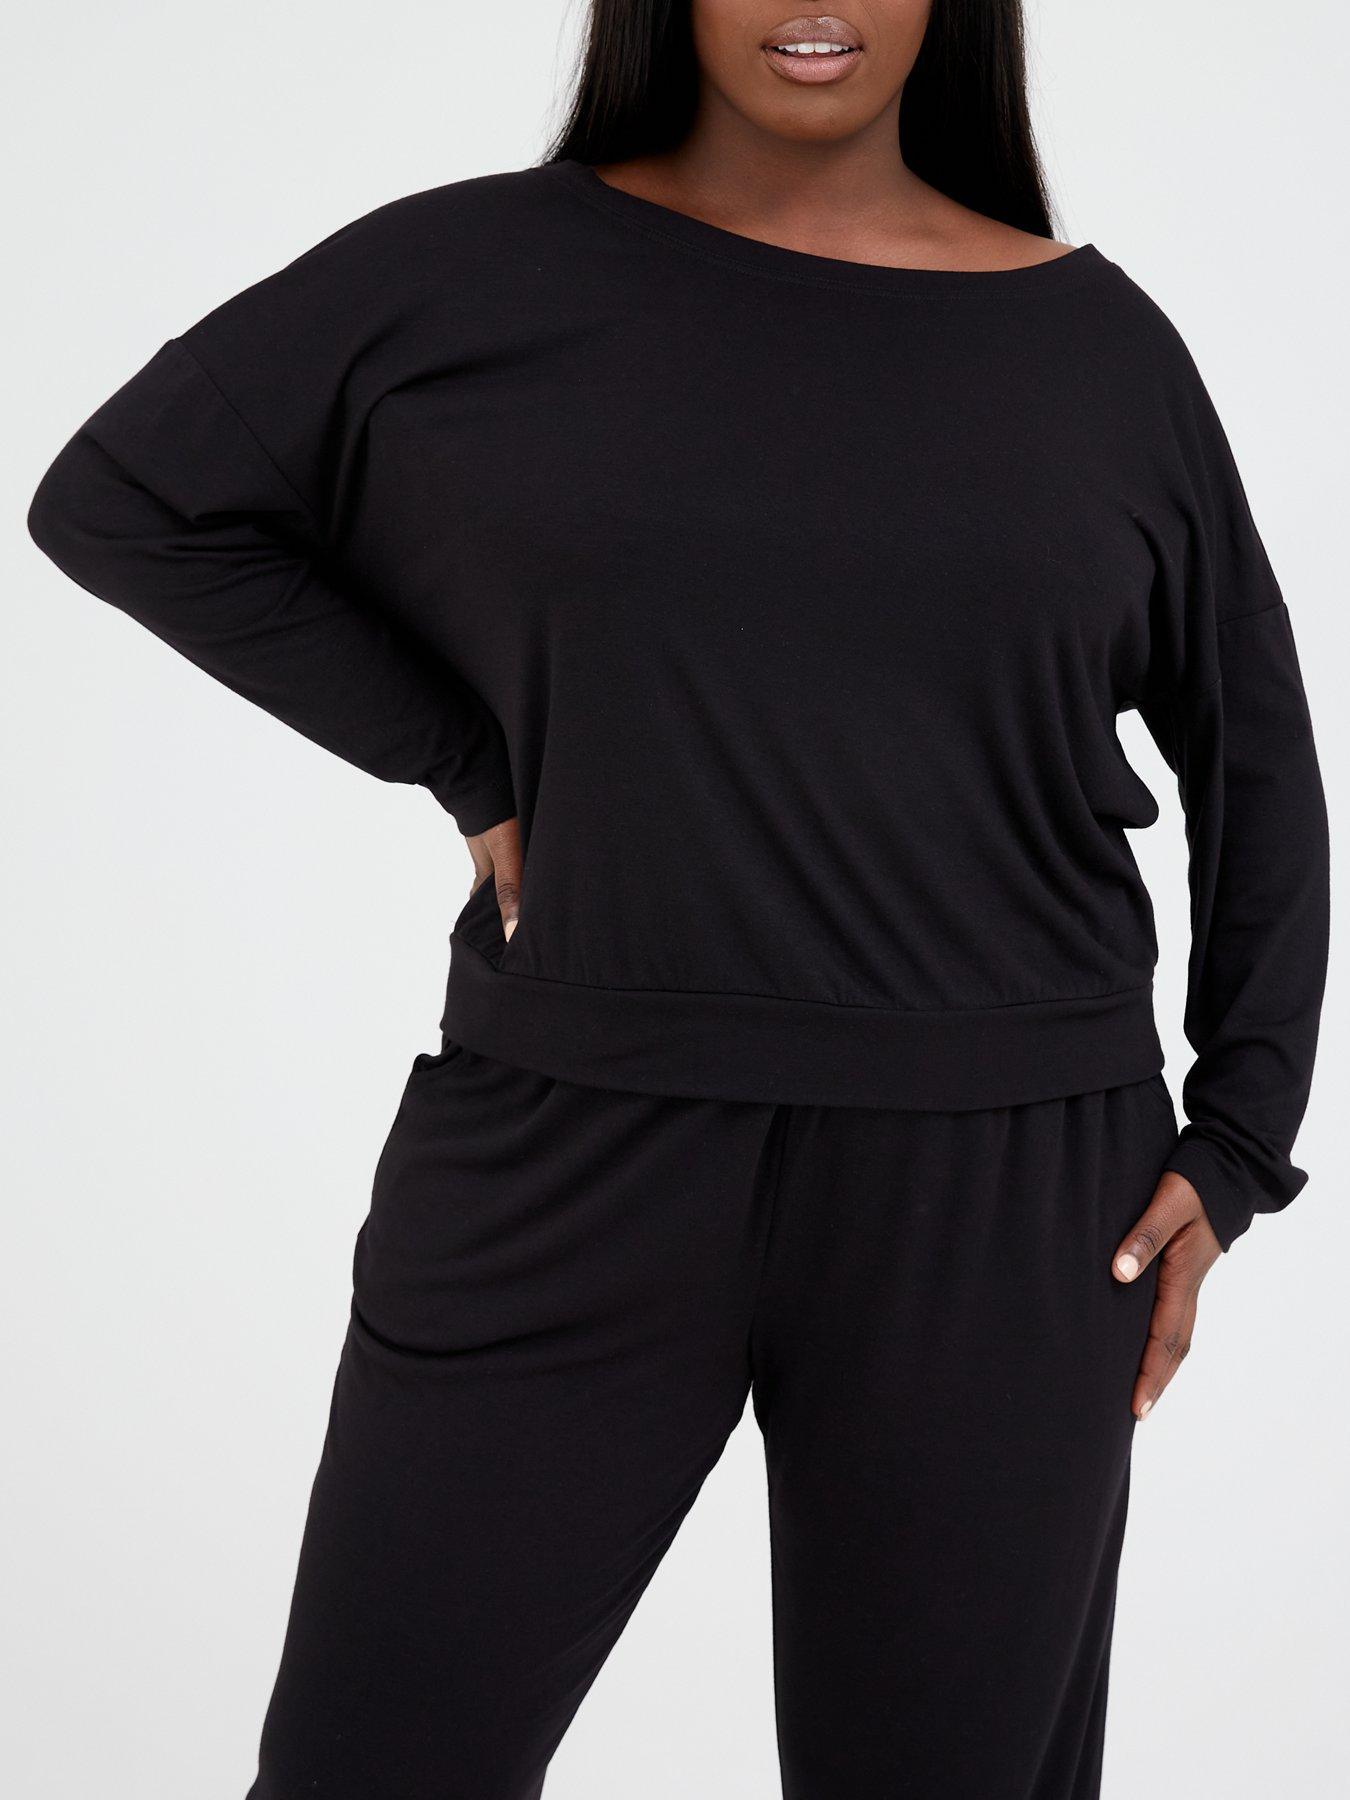 UK Women Studded Lounge Wear Set Cold Shoulder Tops Pants Long Sleeve Comfy Suit